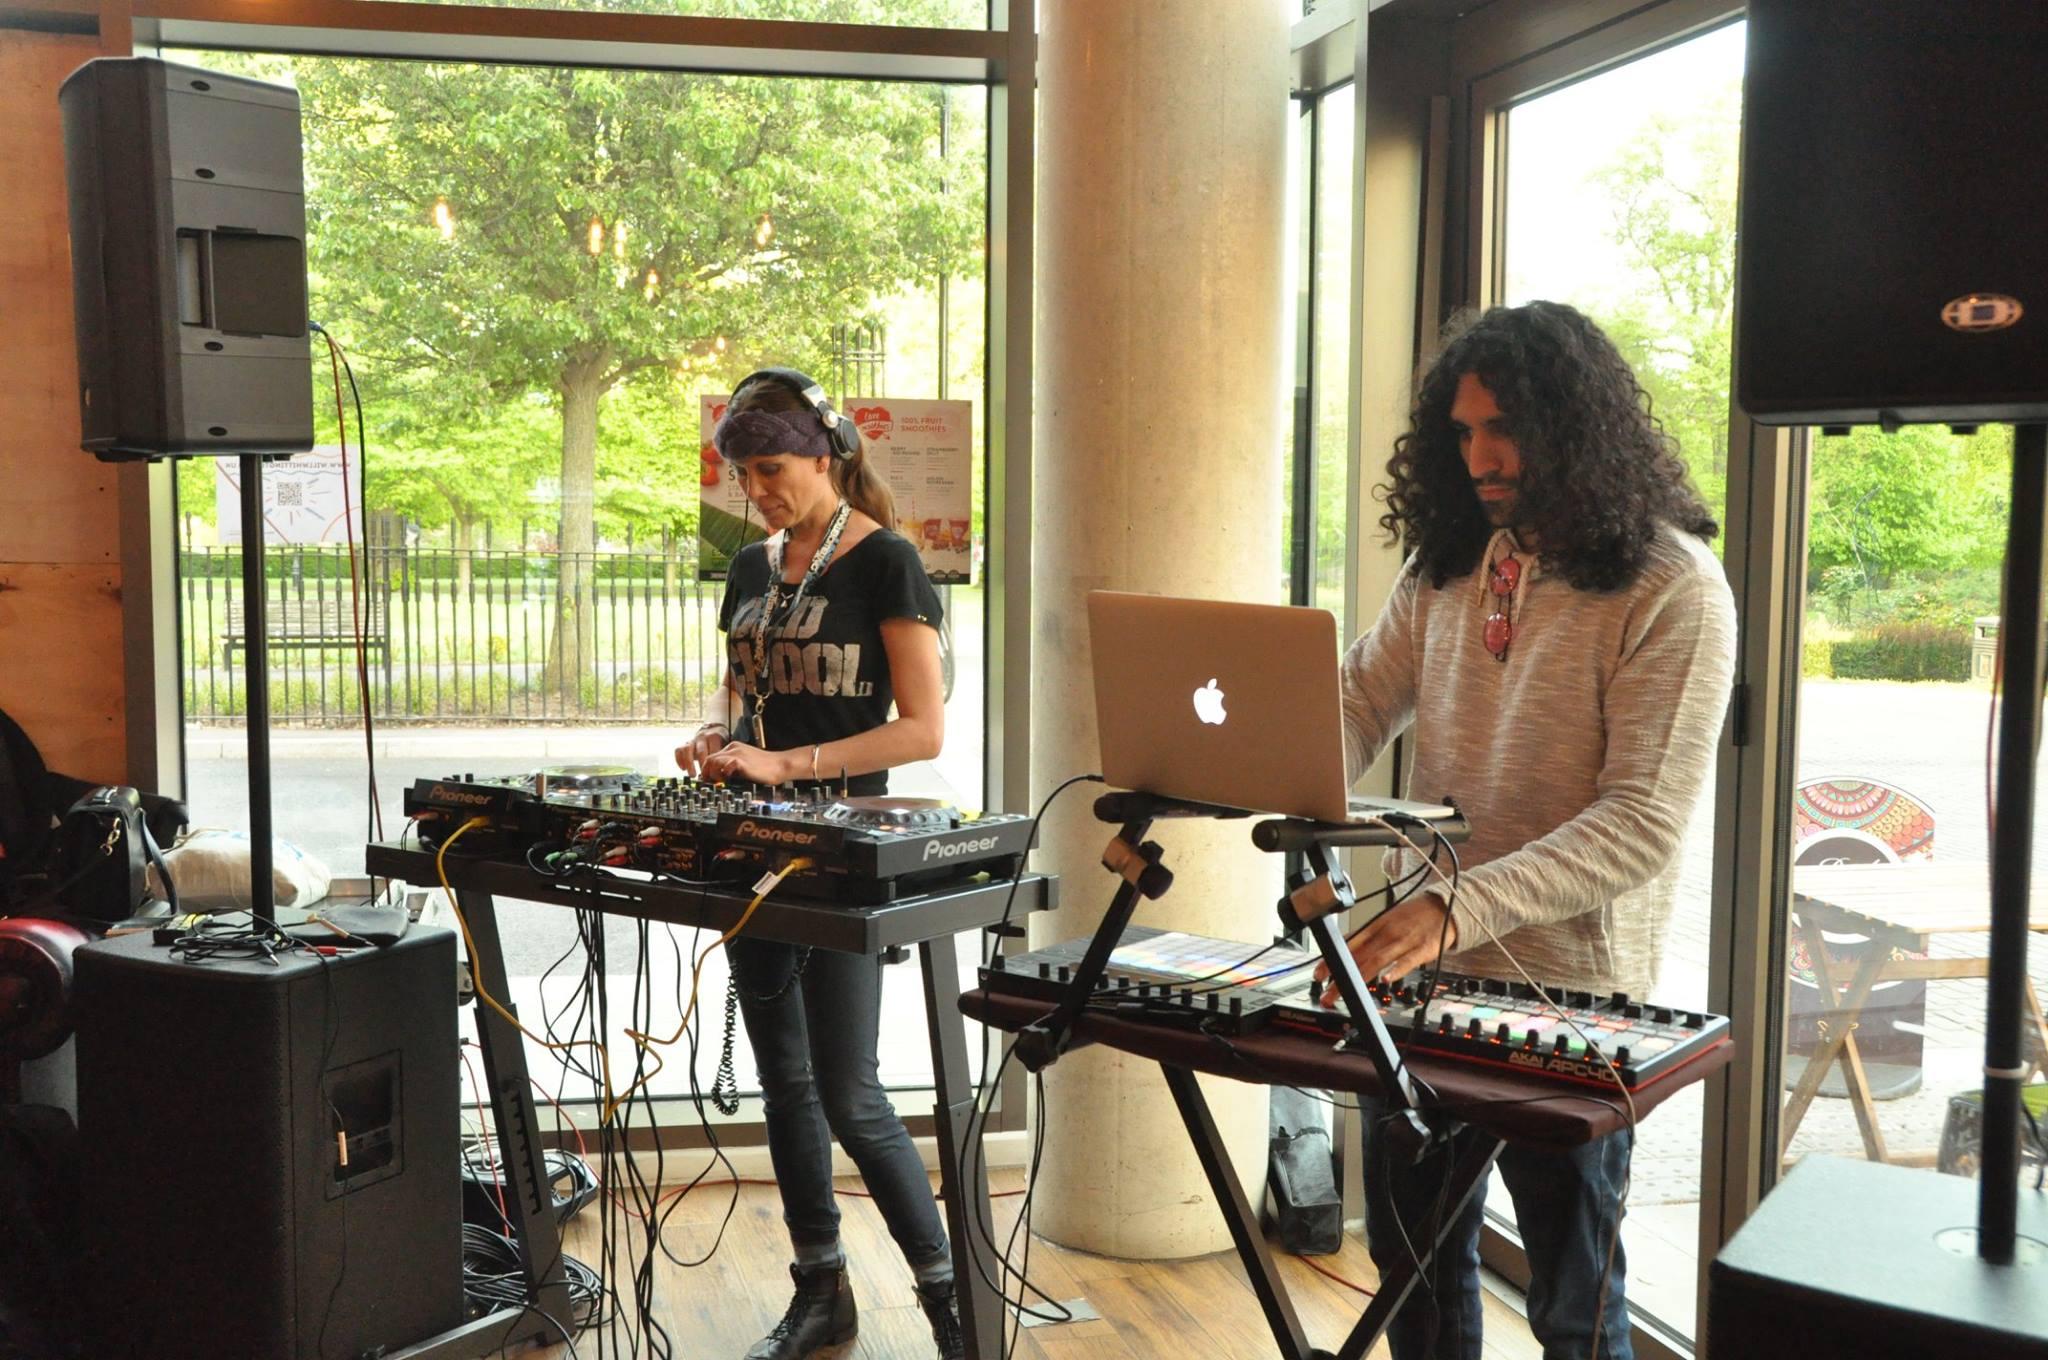 Human Salam Live at Mettricks Café